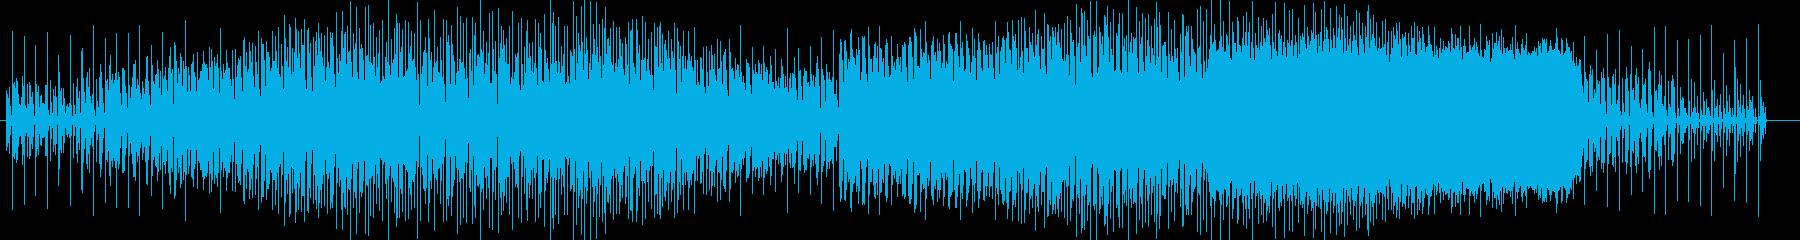 神秘的で幻想的なテクノポップスの再生済みの波形